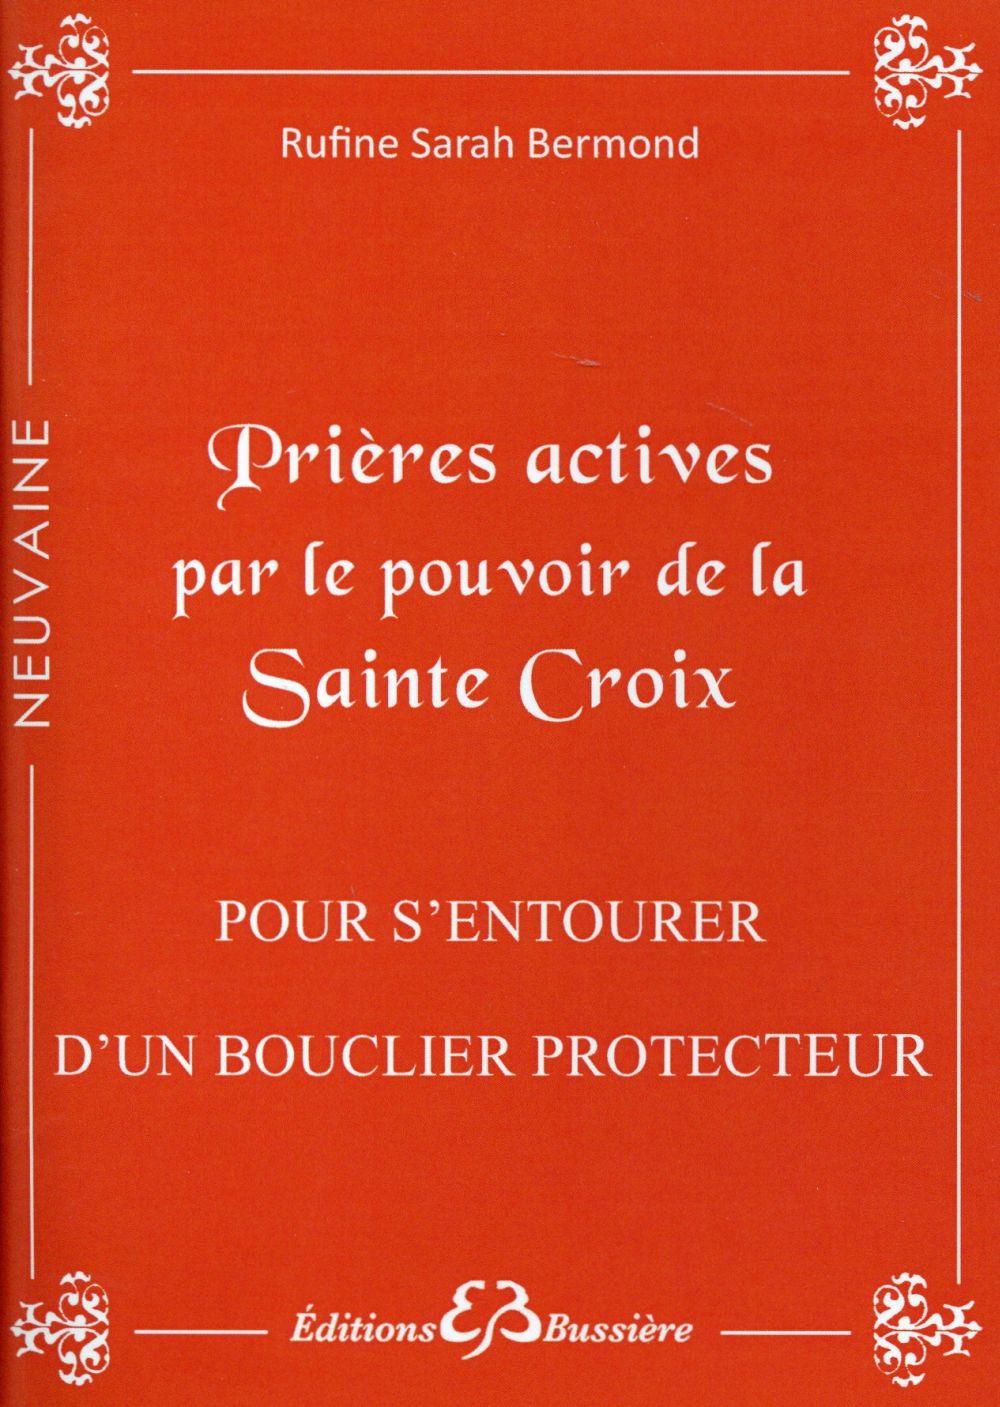 PRIERES ACTIVES PAR LE POUVOIR DE LA SAINTE CROIX - POUR S'ENTOURER D'UN BOUCLIER PROTECTEUR